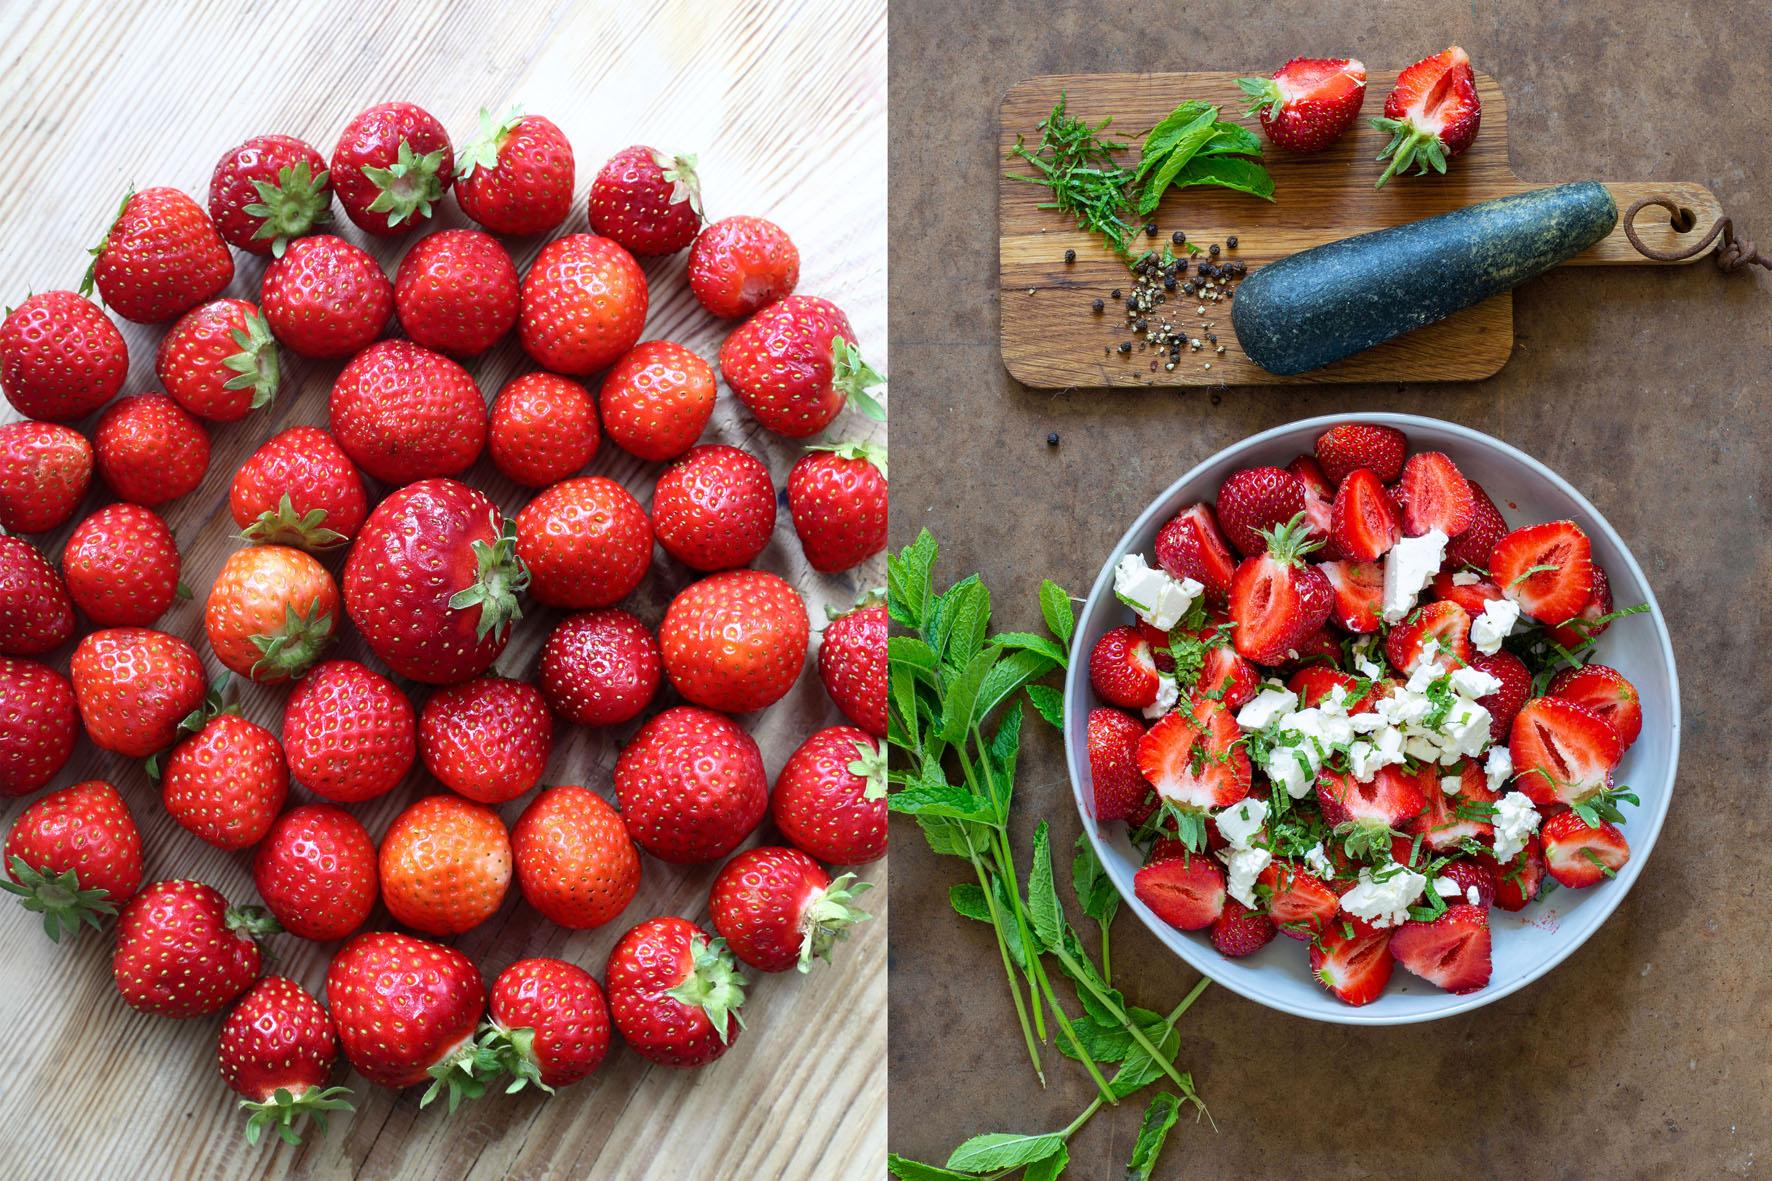 skogtillbord-jordgubbssallad-juni21